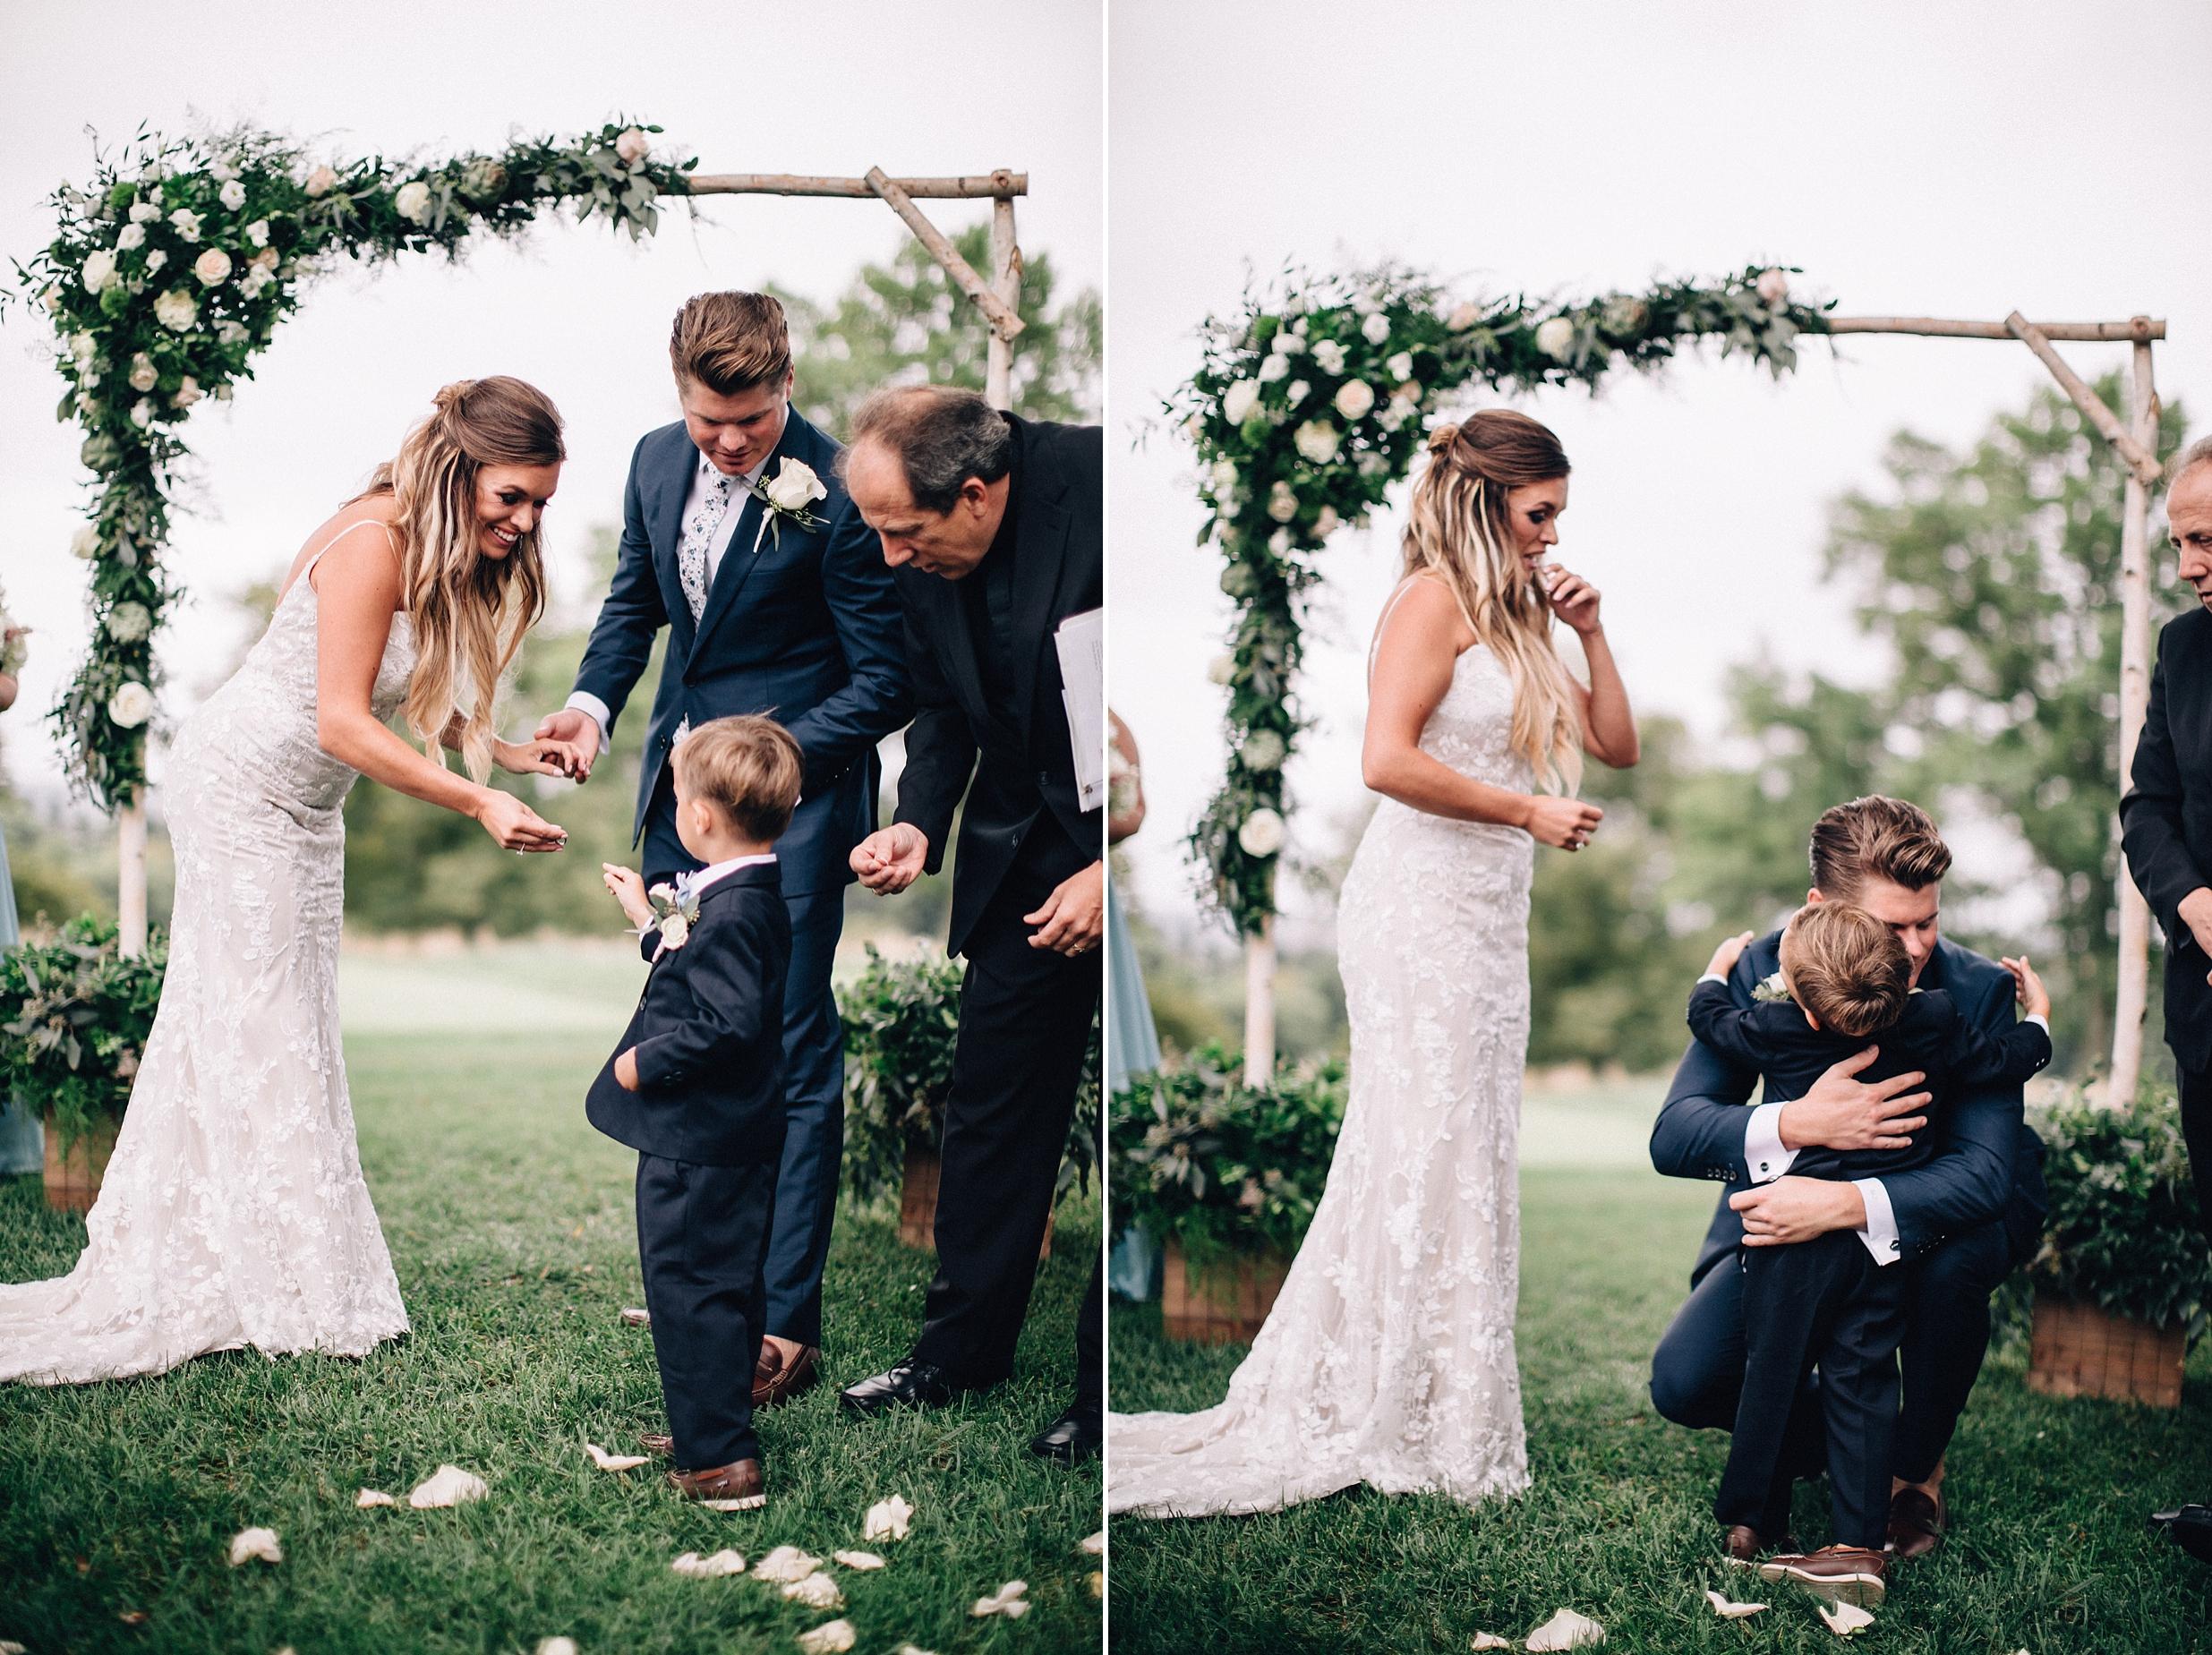 jersey-outdoor-ceremony-wedding-navasink-monmouth-rumson_0048.jpg